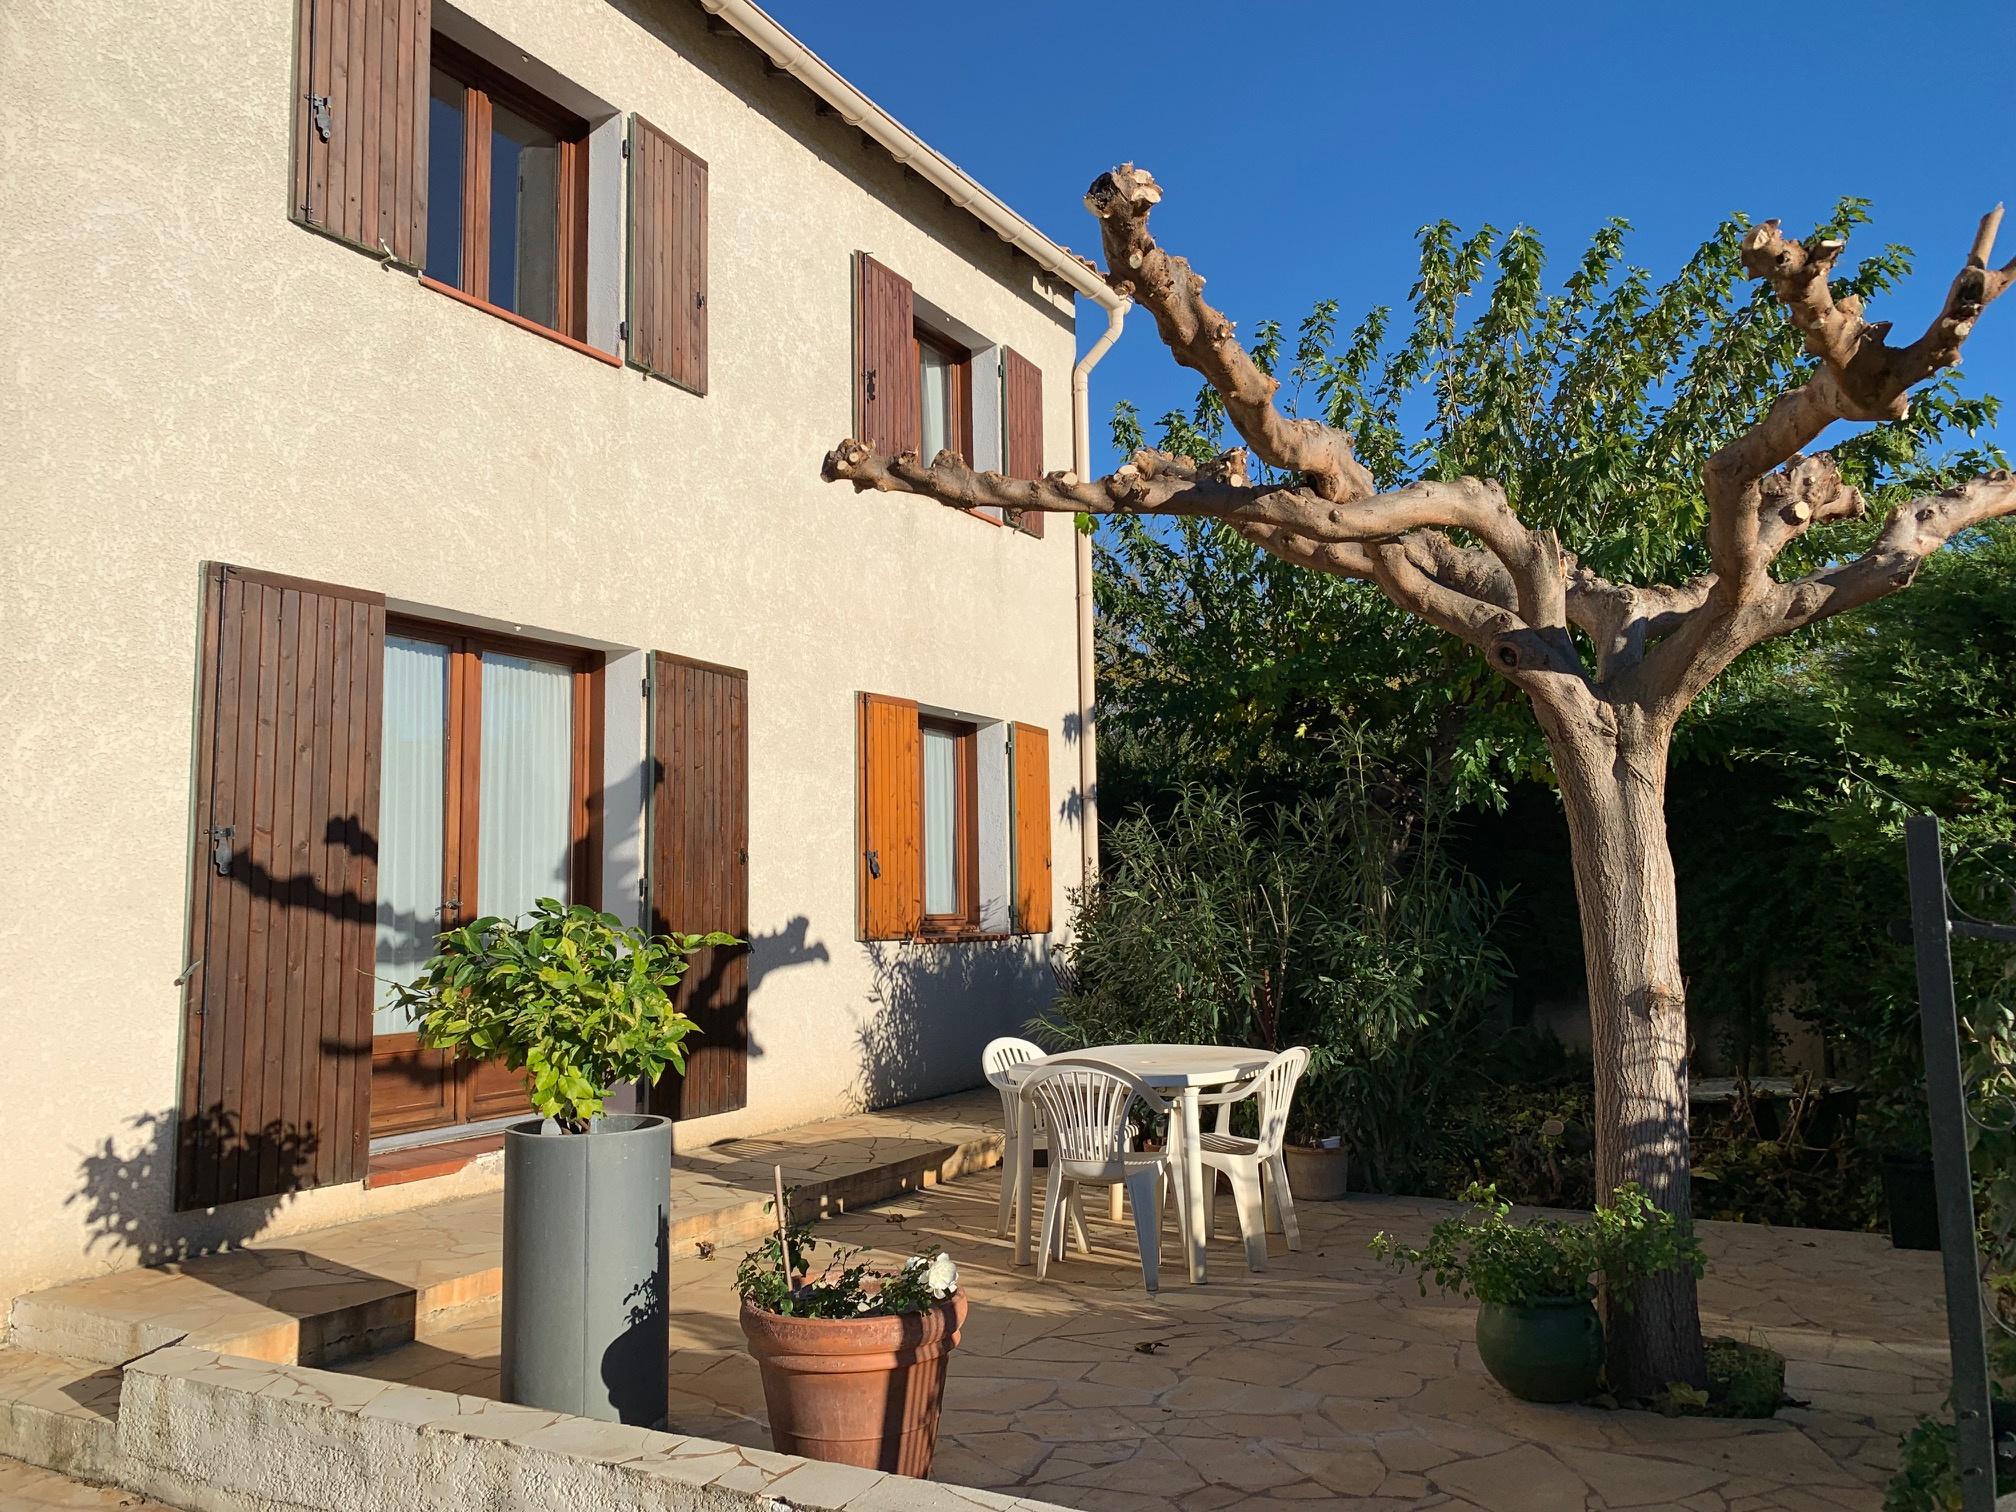 vente Maison 4 chambres avec jardin et garage.